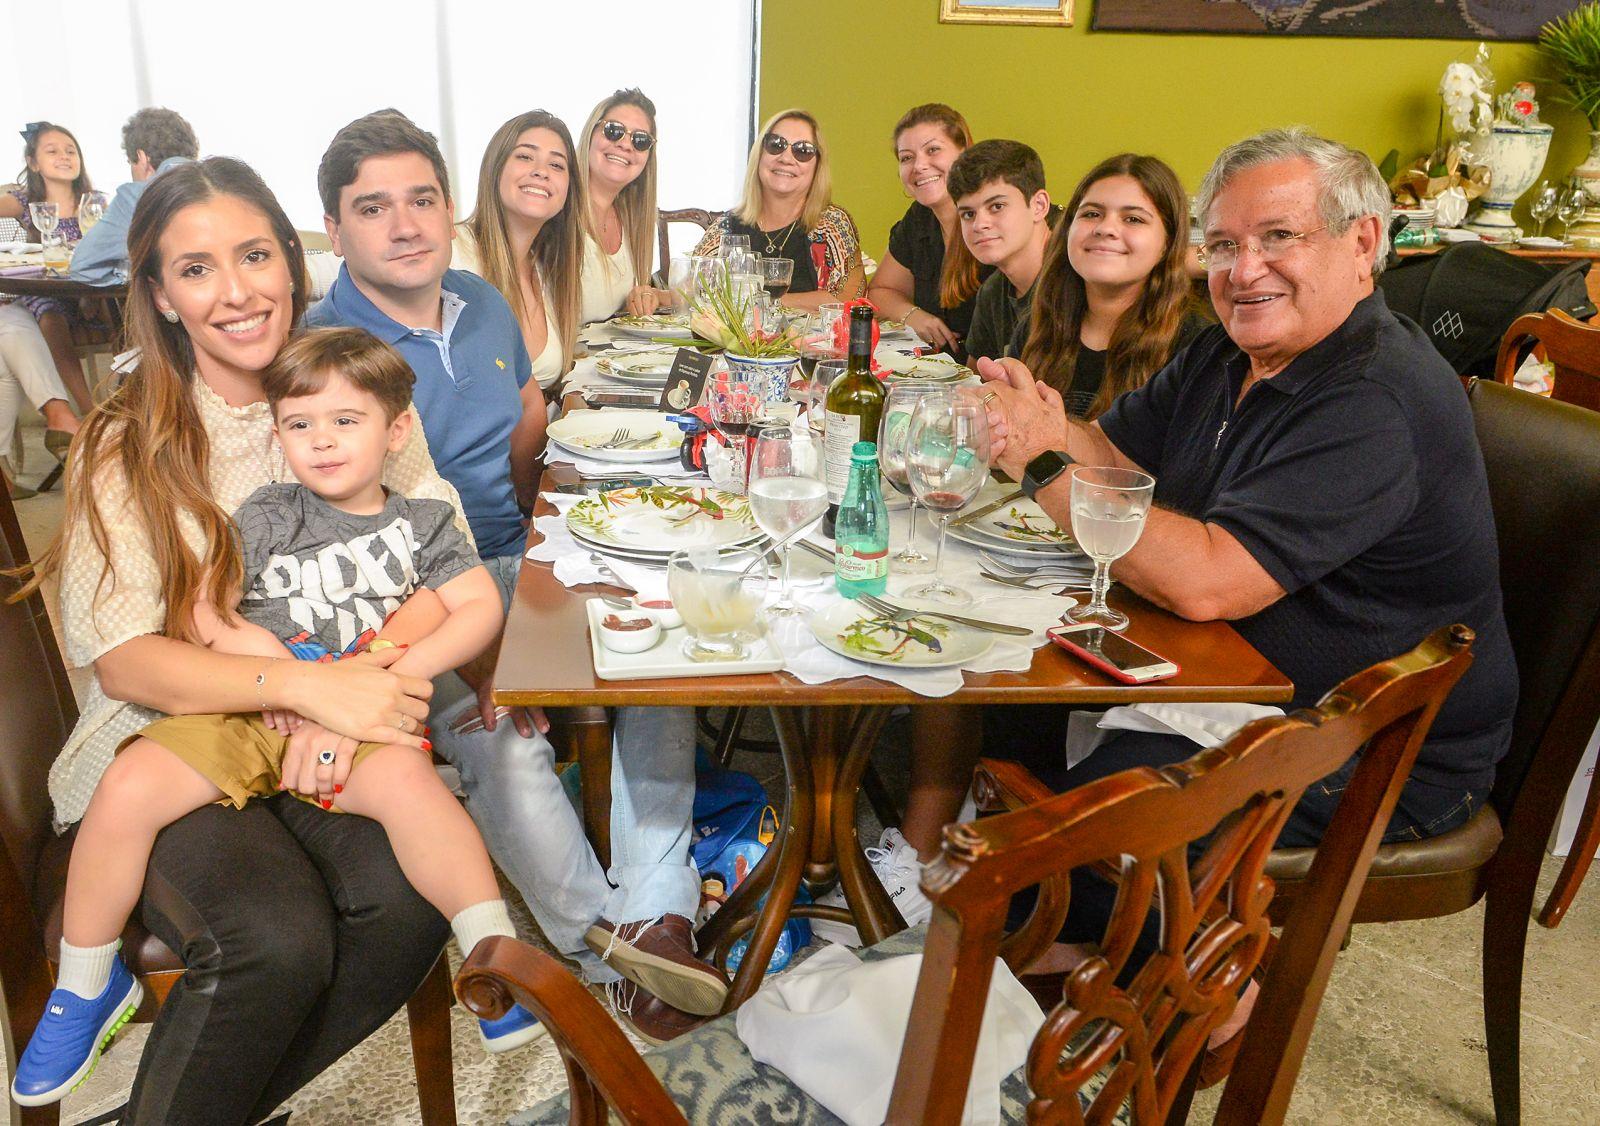 Ademar Lemos e Verônica jantando no seu restaurante Chez Bernard com clientes e amigos